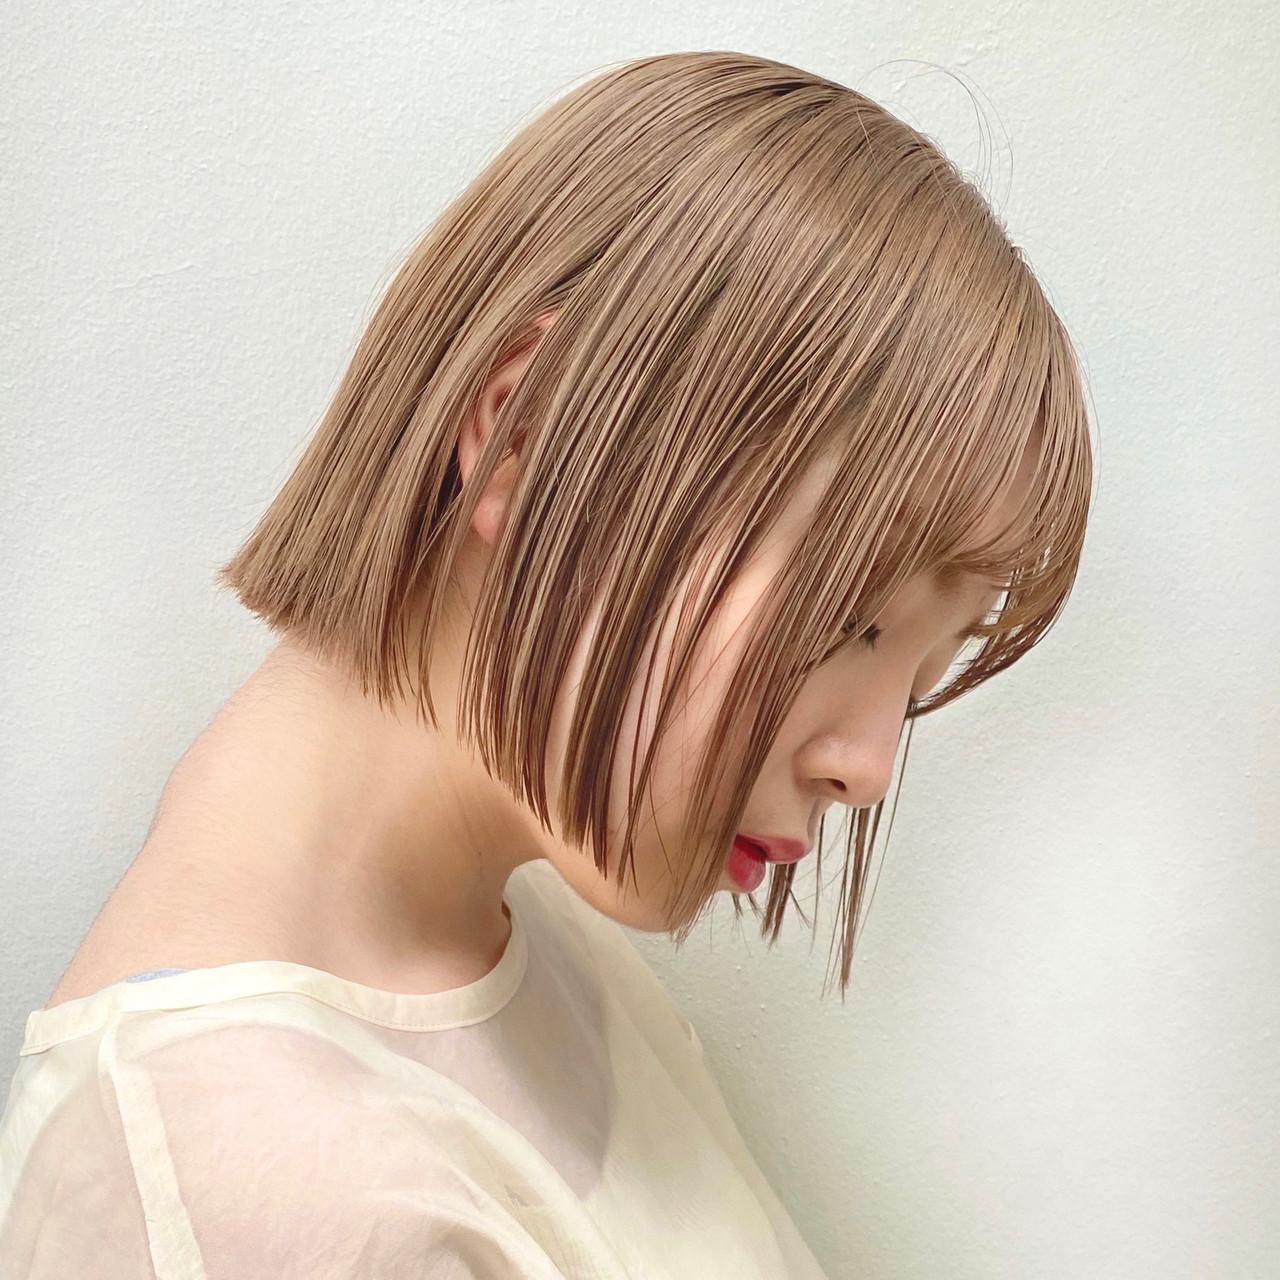 ミルクティーベージュ ヌーディベージュ 切りっぱなしボブ ハイトーンカラー ヘアスタイルや髪型の写真・画像